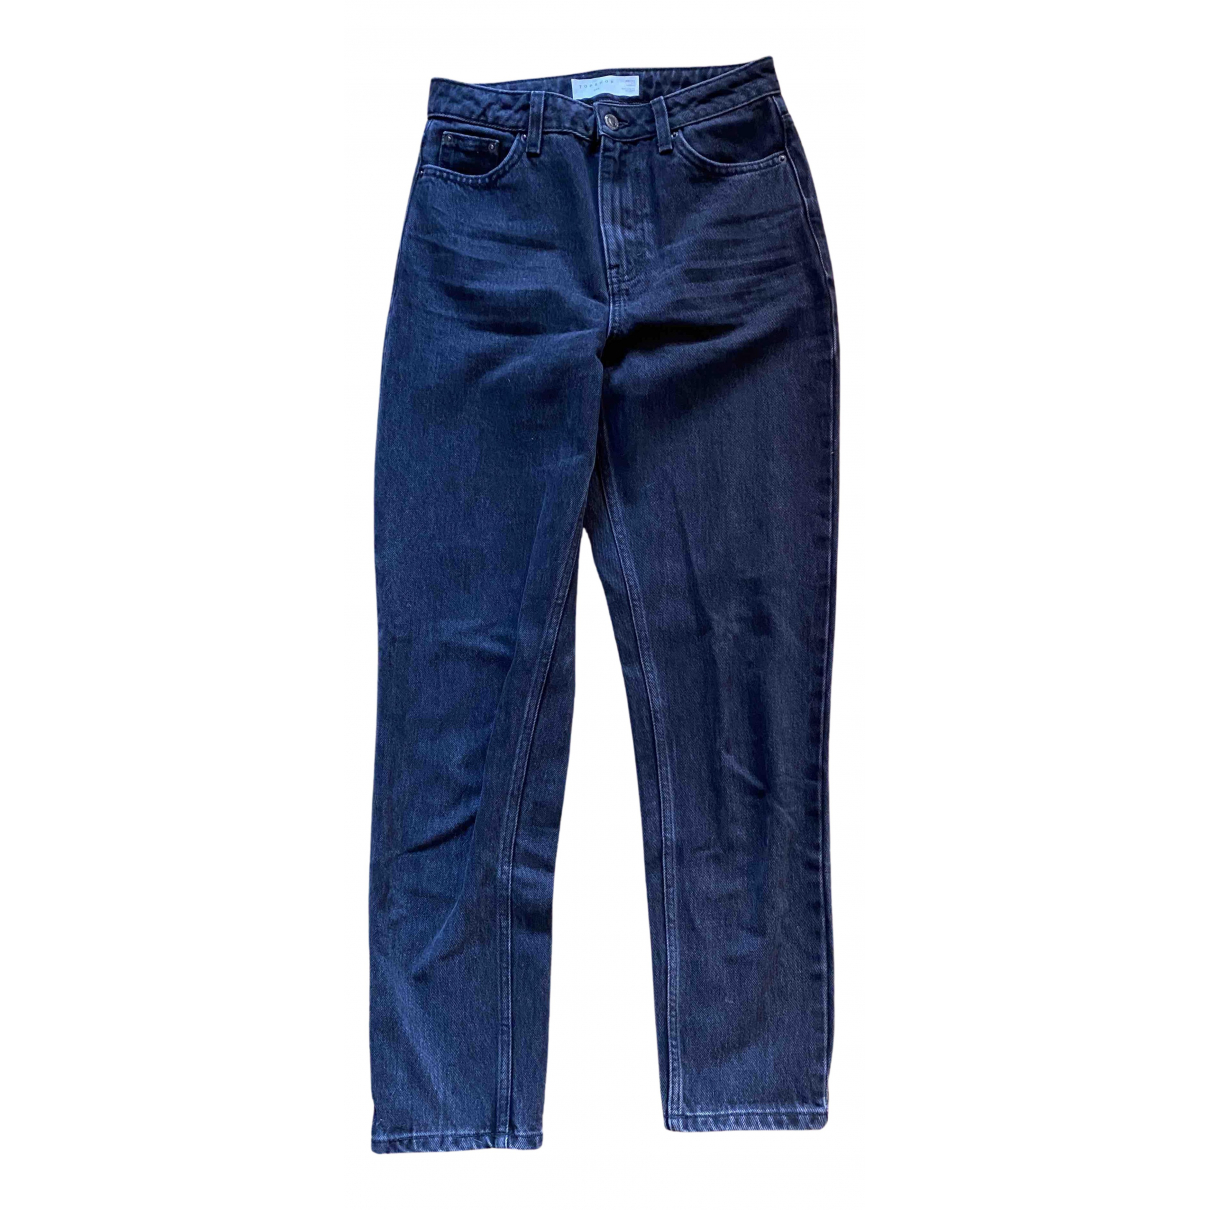 Topshop - Jean   pour femme en coton - noir